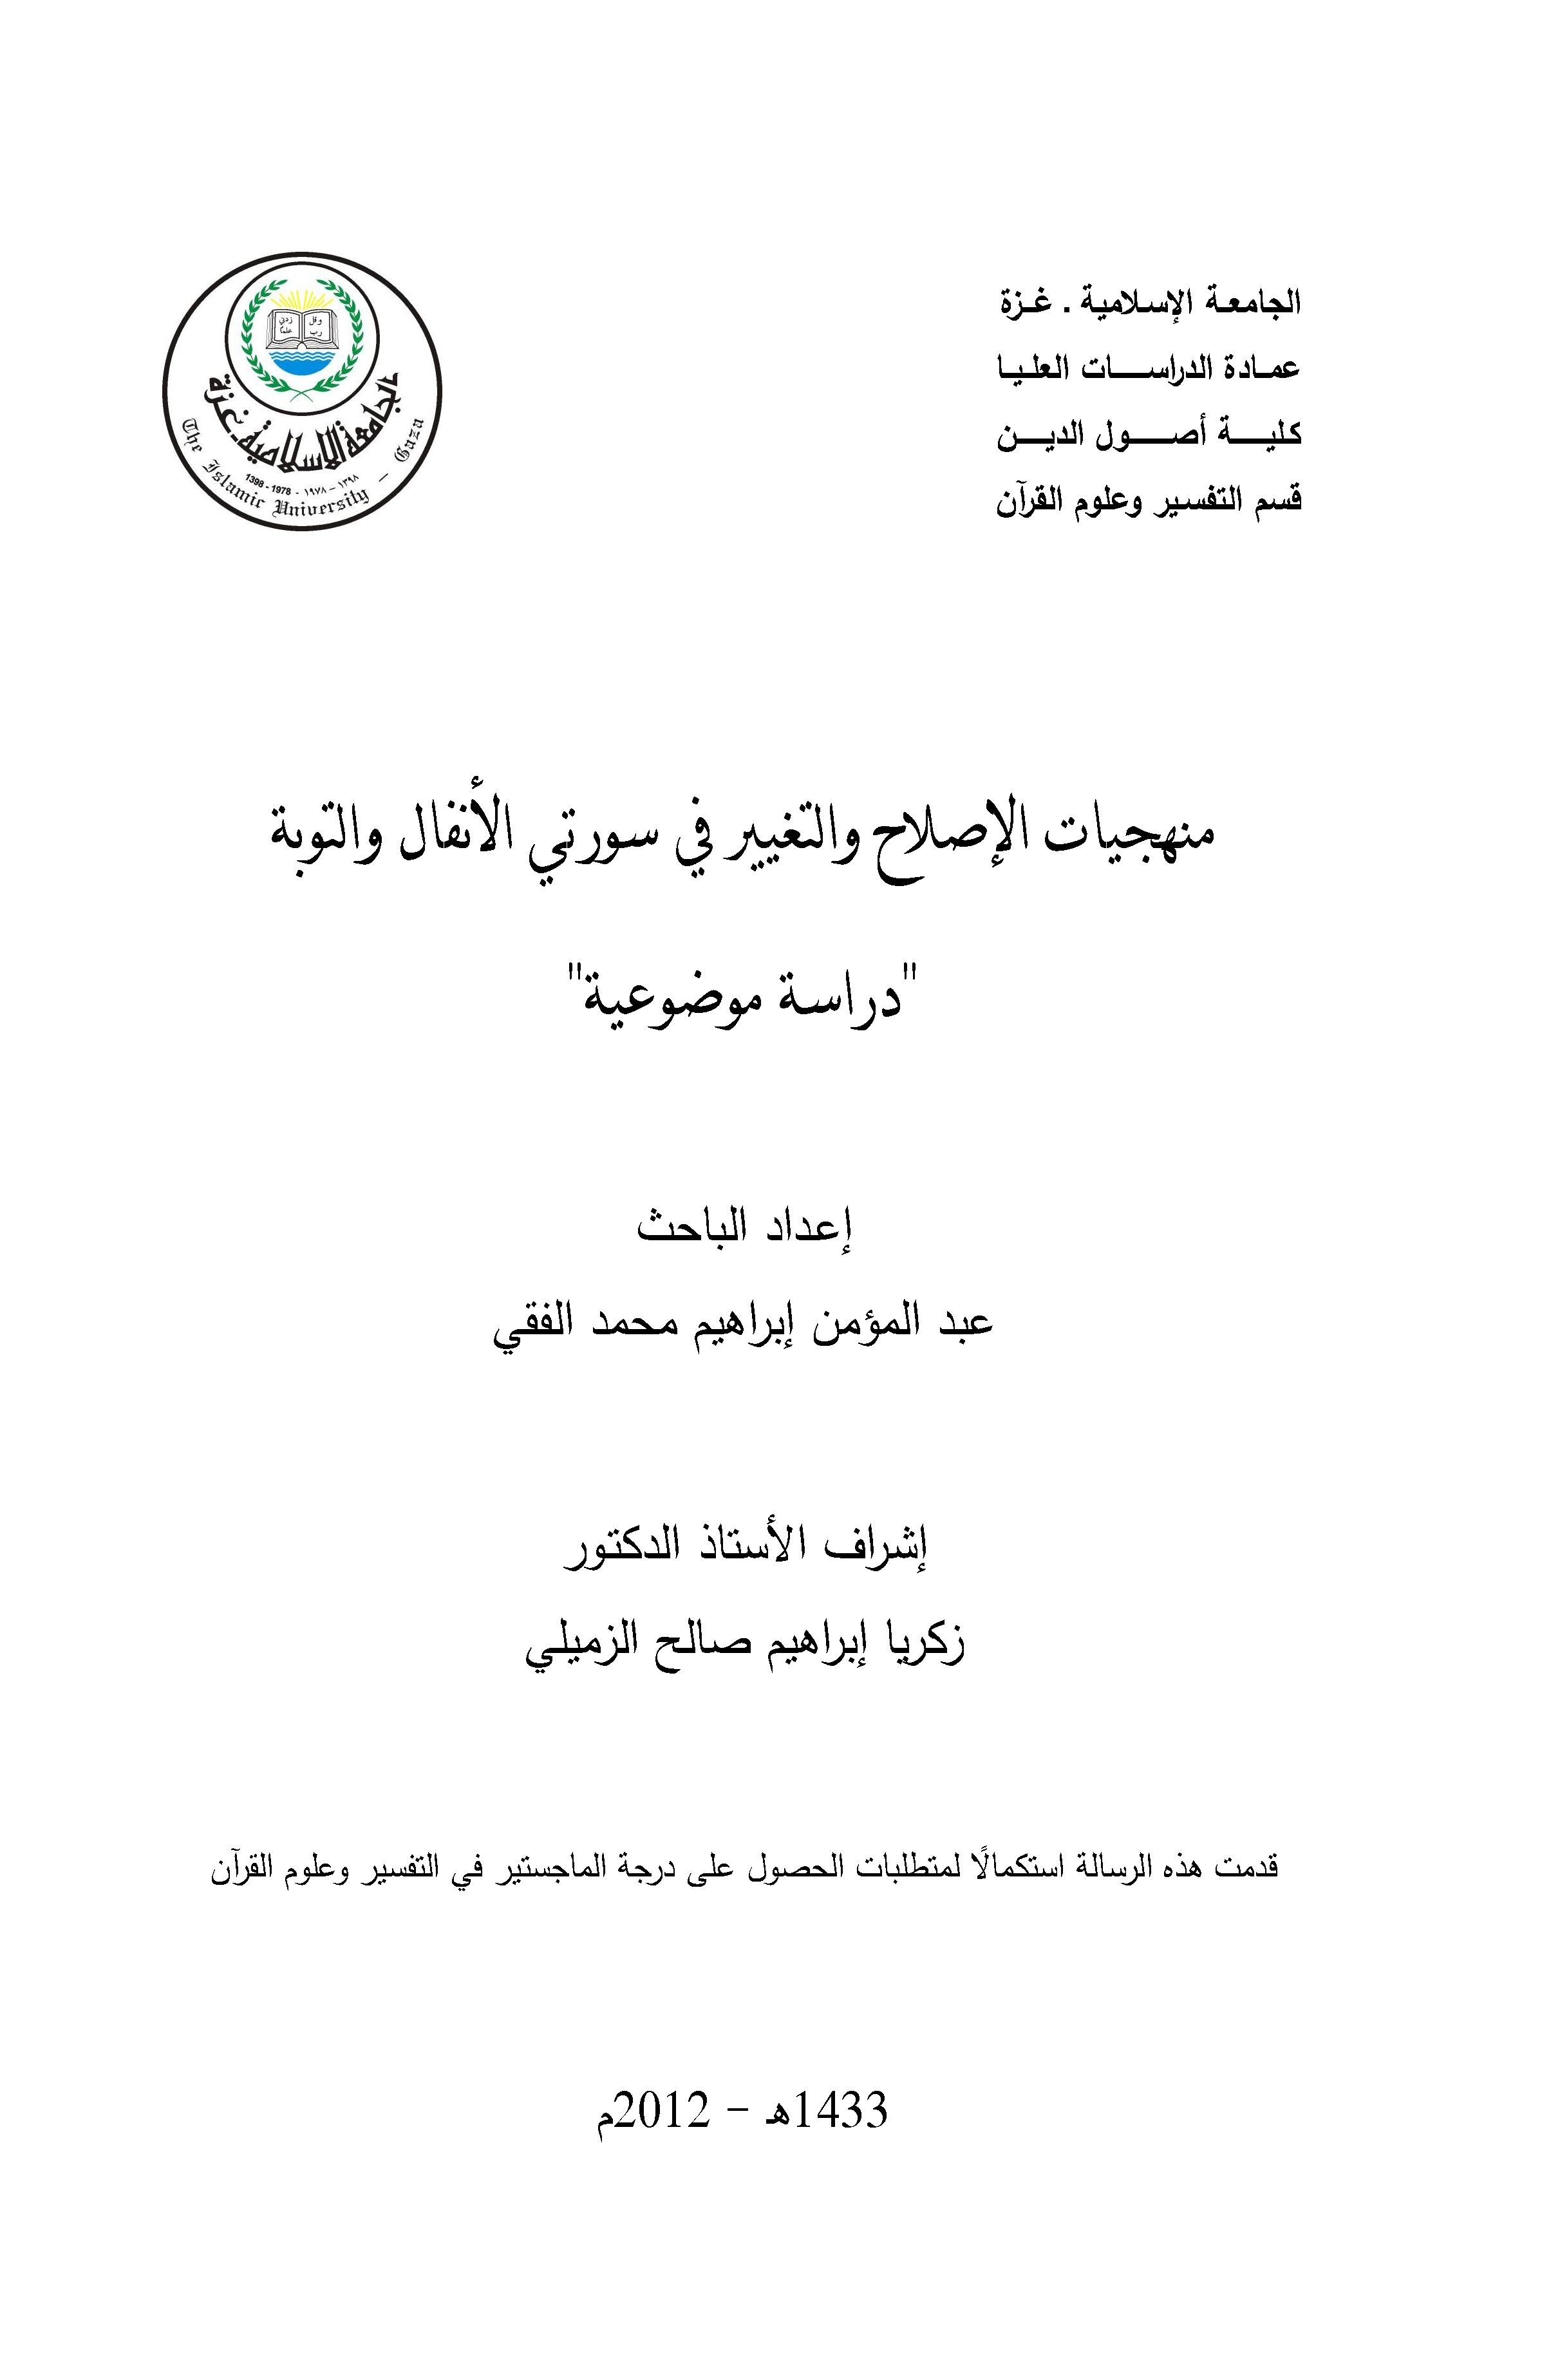 تحميل كتاب منهجيات الإصلاح والتغيير في سورتي الأنفال والتوبة (دراسة موضوعية) لـِ: عبد المؤمن إبراهيم محمد الفقي